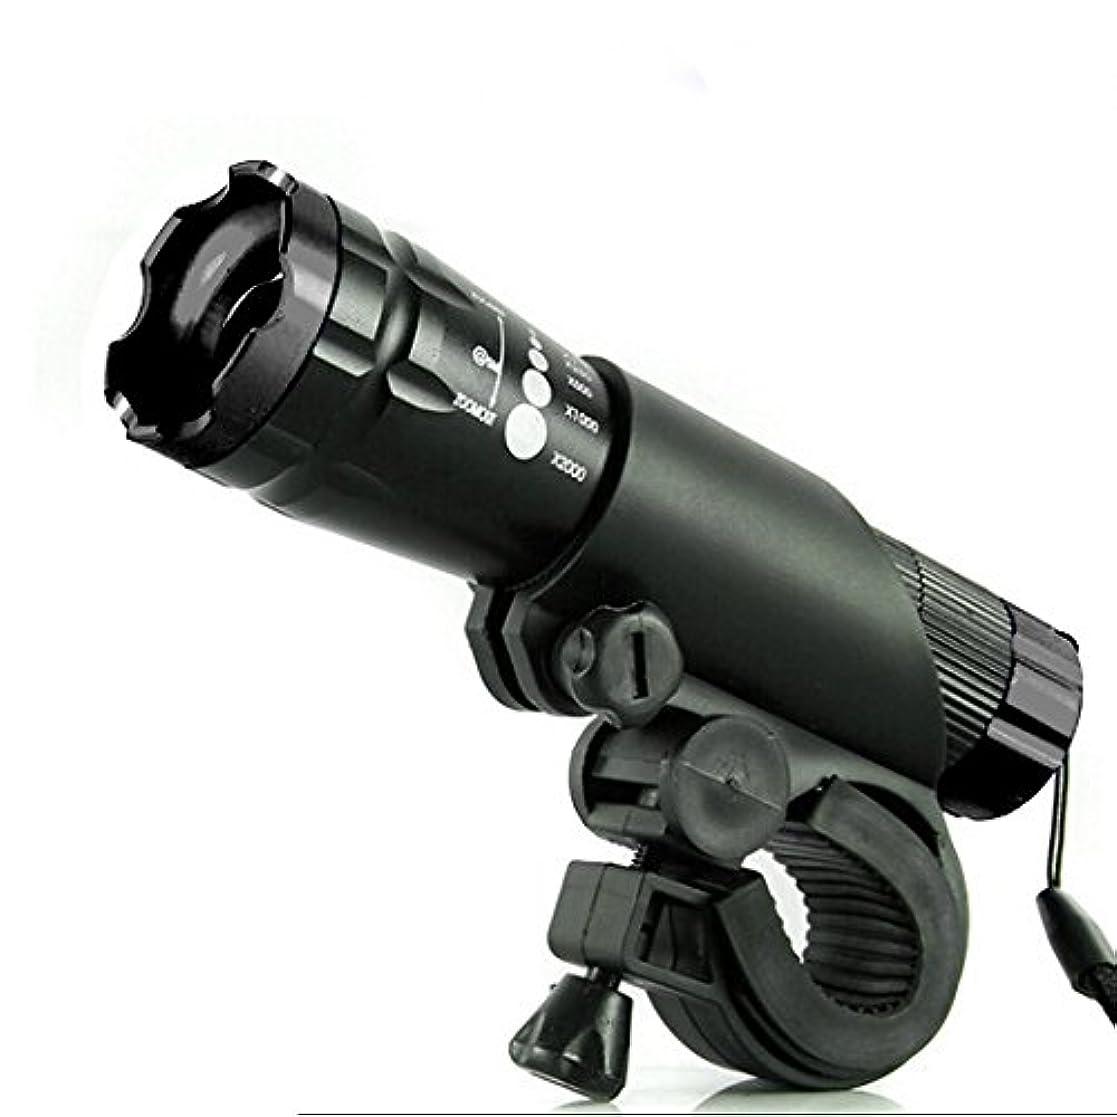 堀ポーンオセアニアサイクルライト 自転車 LED 照明 高輝度フロントライト ライトホルダー付き MINO Creates カラビナセット (ブラック)